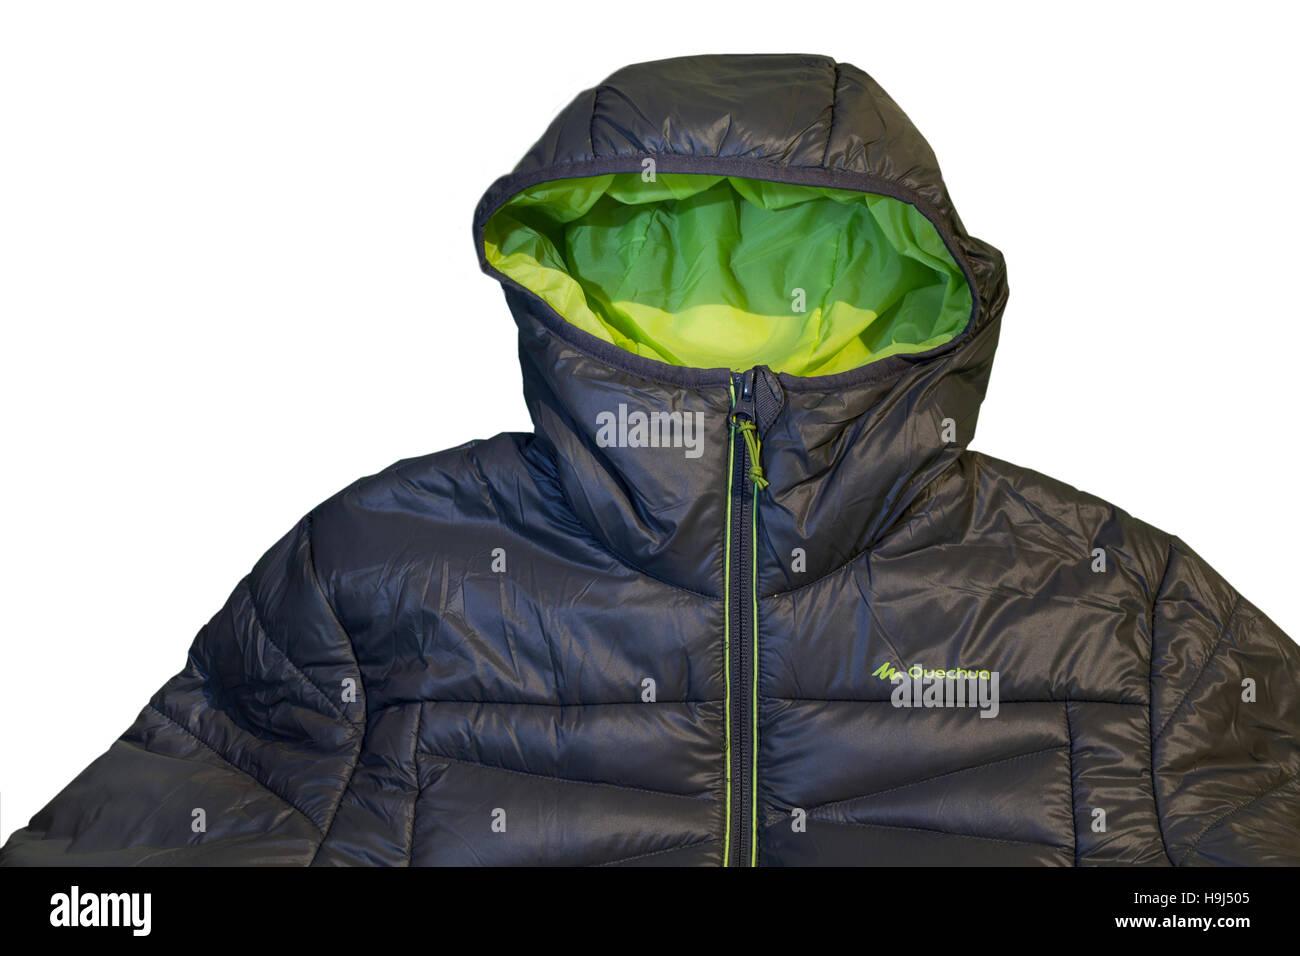 sito affidabile c1ddf 6f7ea Decathlon Quechua giacca invernale dettagli Foto & Immagine ...